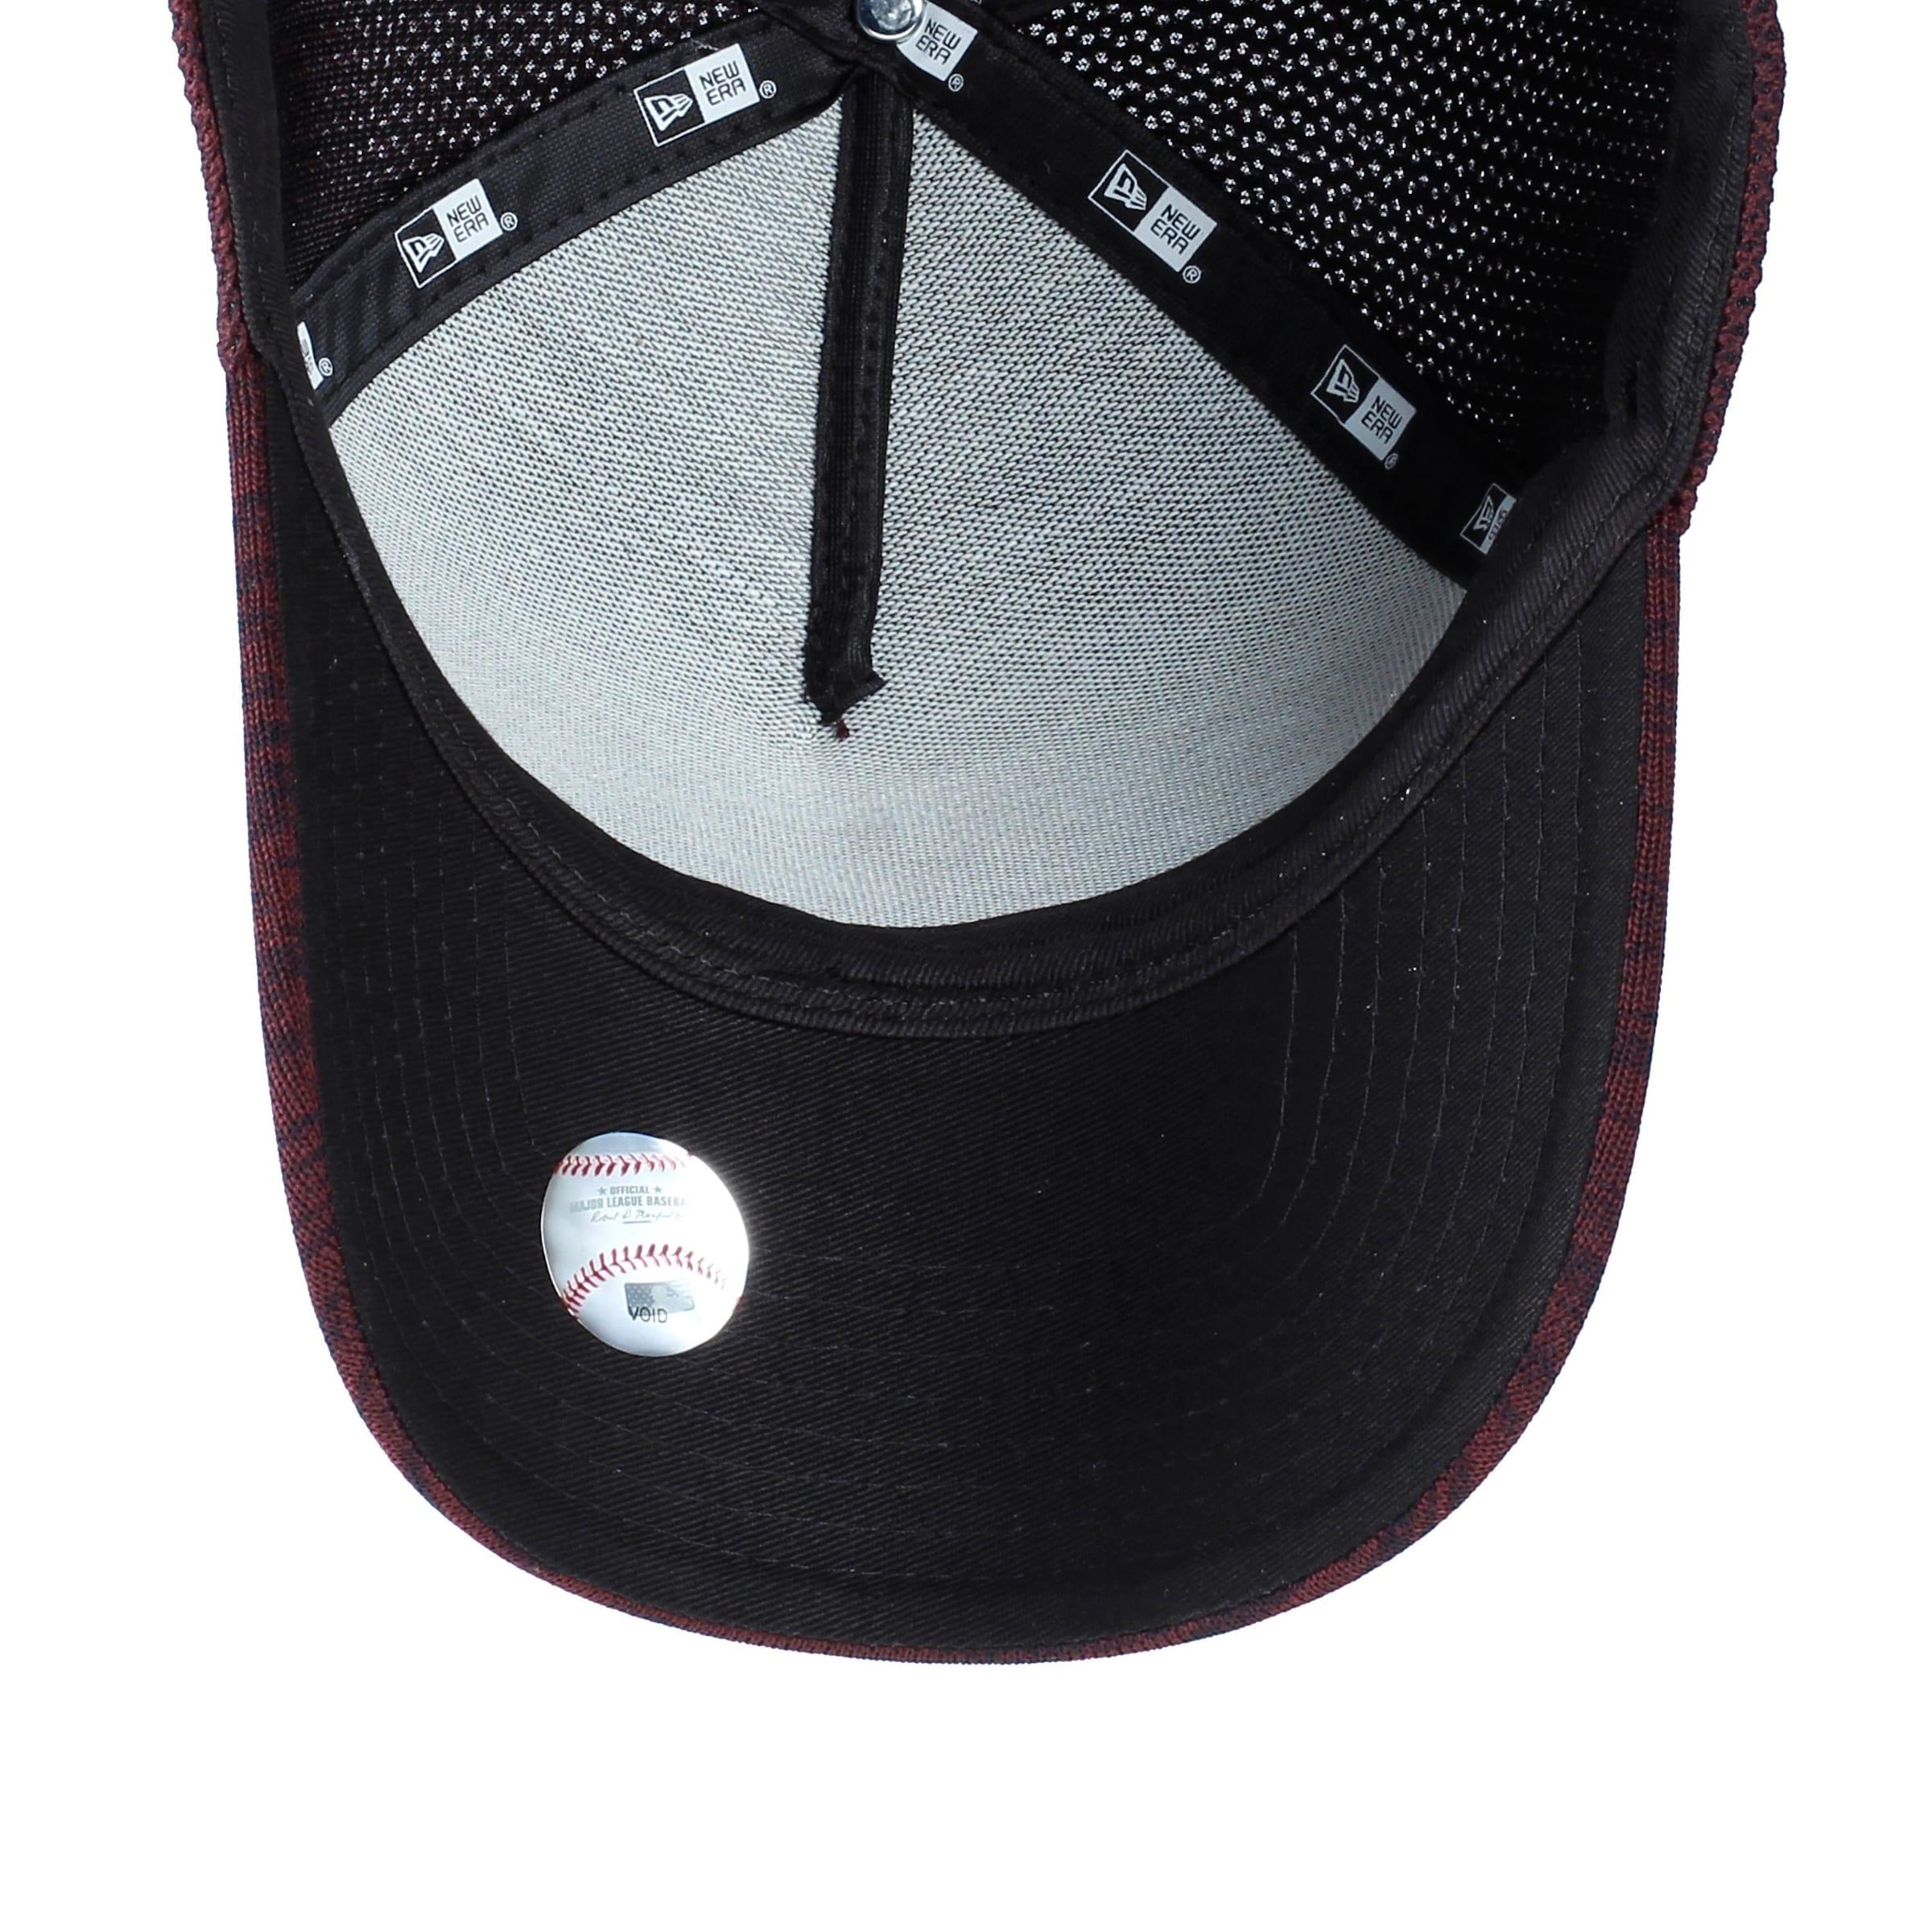 Verkauf Günstigen Preisen Verkaufspreise NEW ERA 'A-FRAME New York Yankees' Cap kfYikS